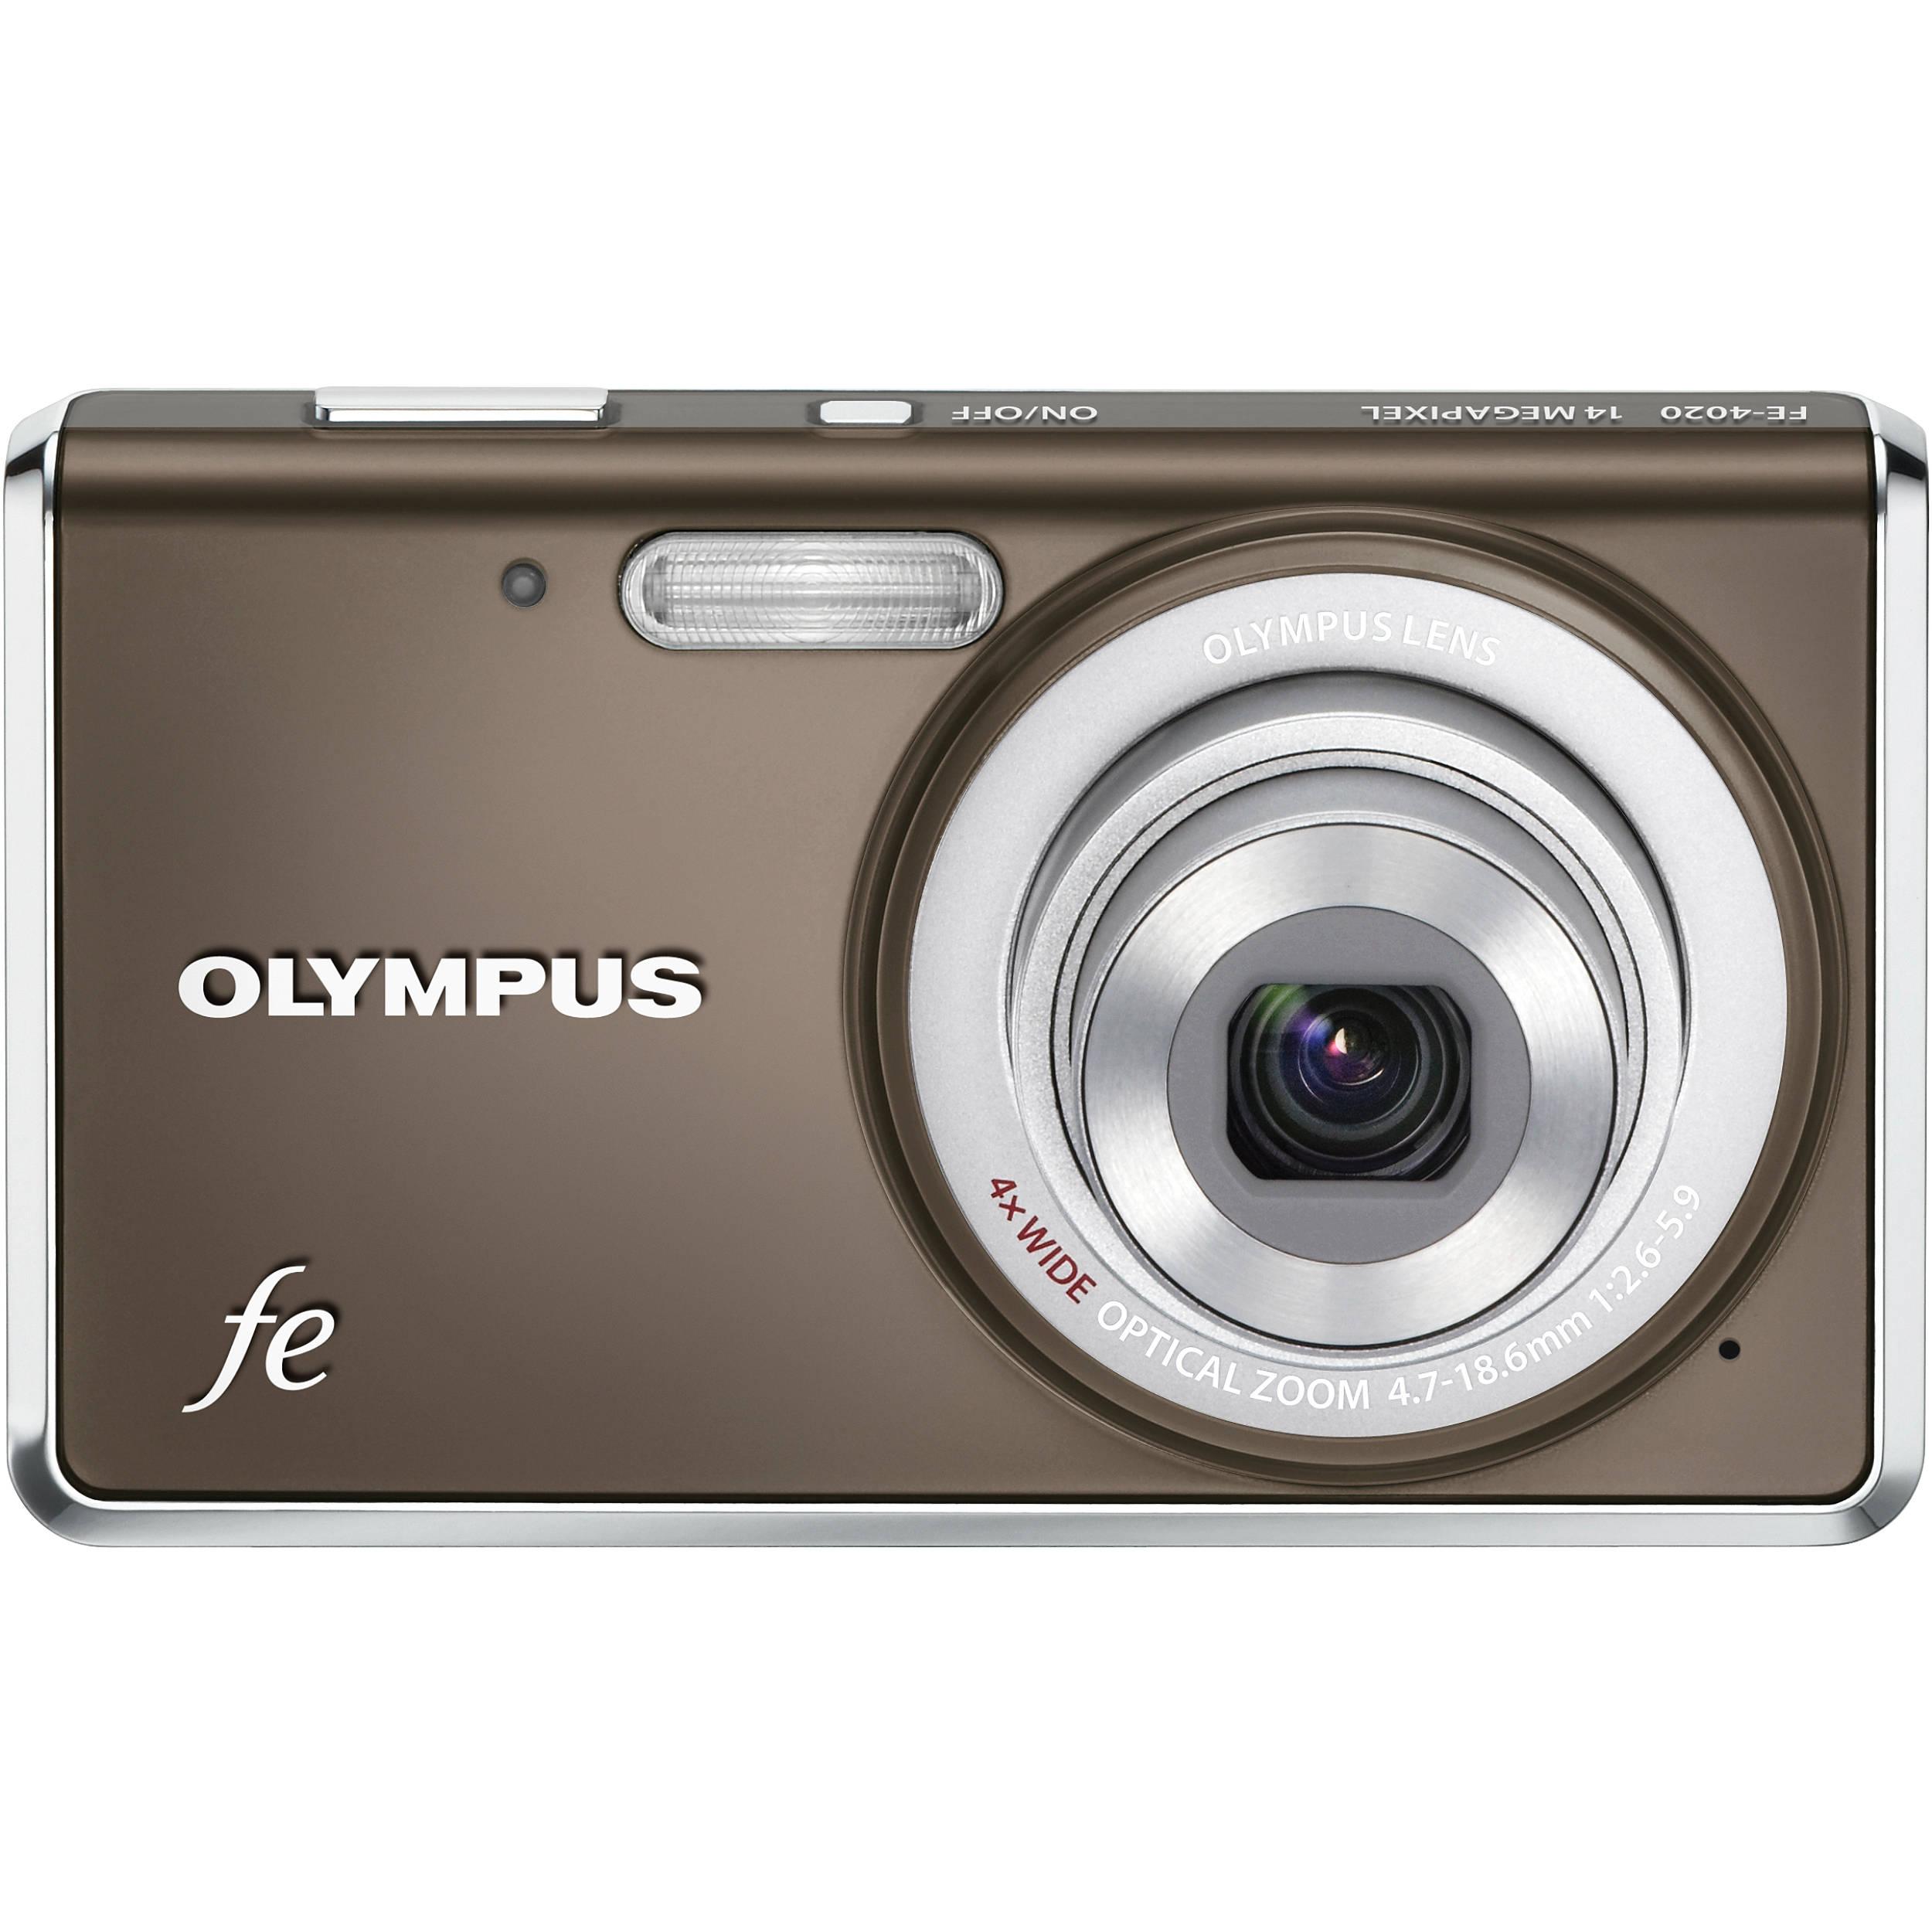 Olympus Digital Camera: Olympus FE-4020 Digital Camera (Warm Gray) 227500 B&H Photo